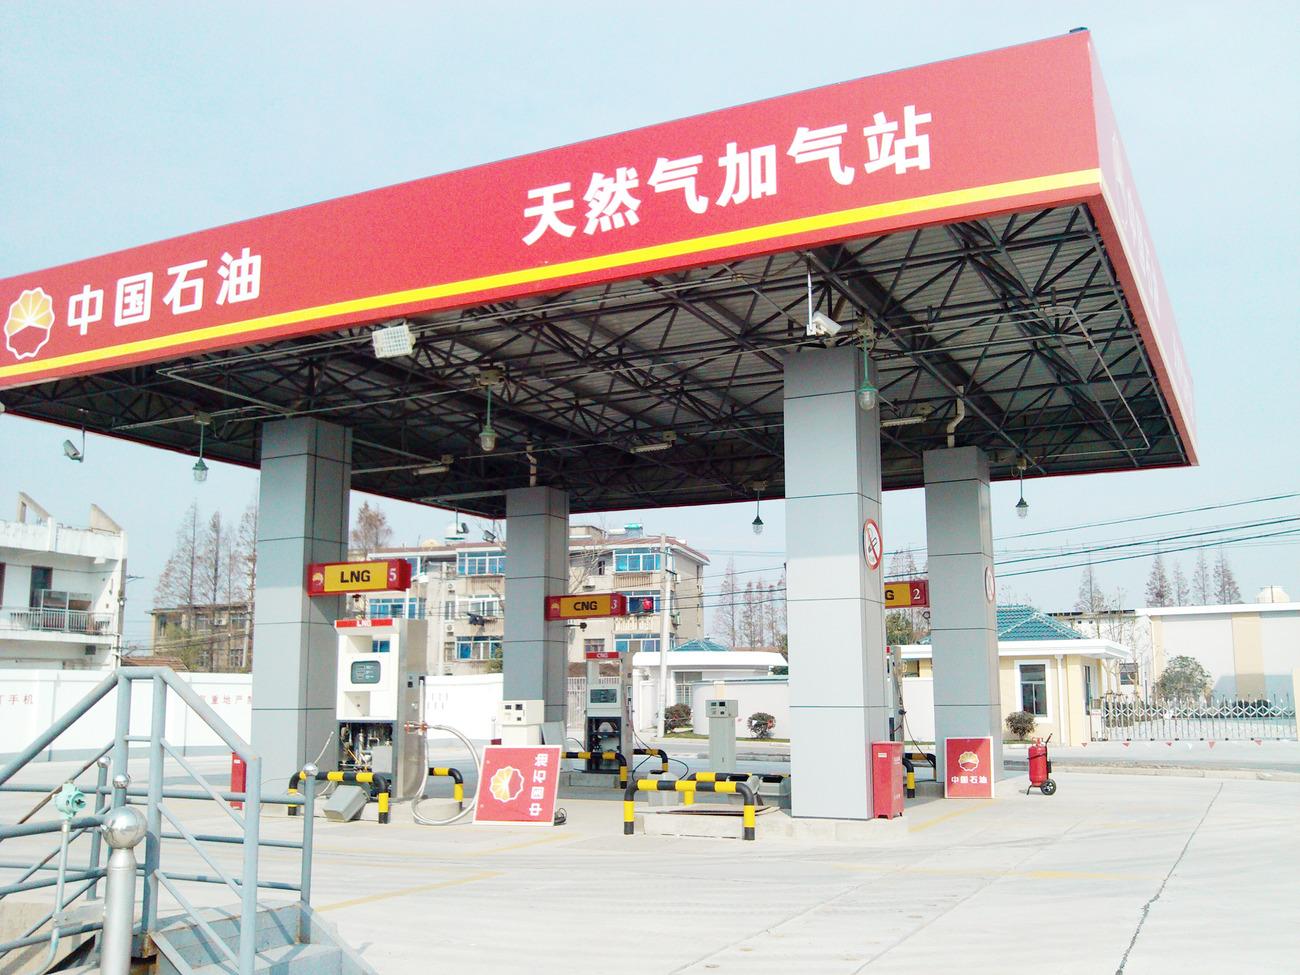 上海崇明岛就环燃气